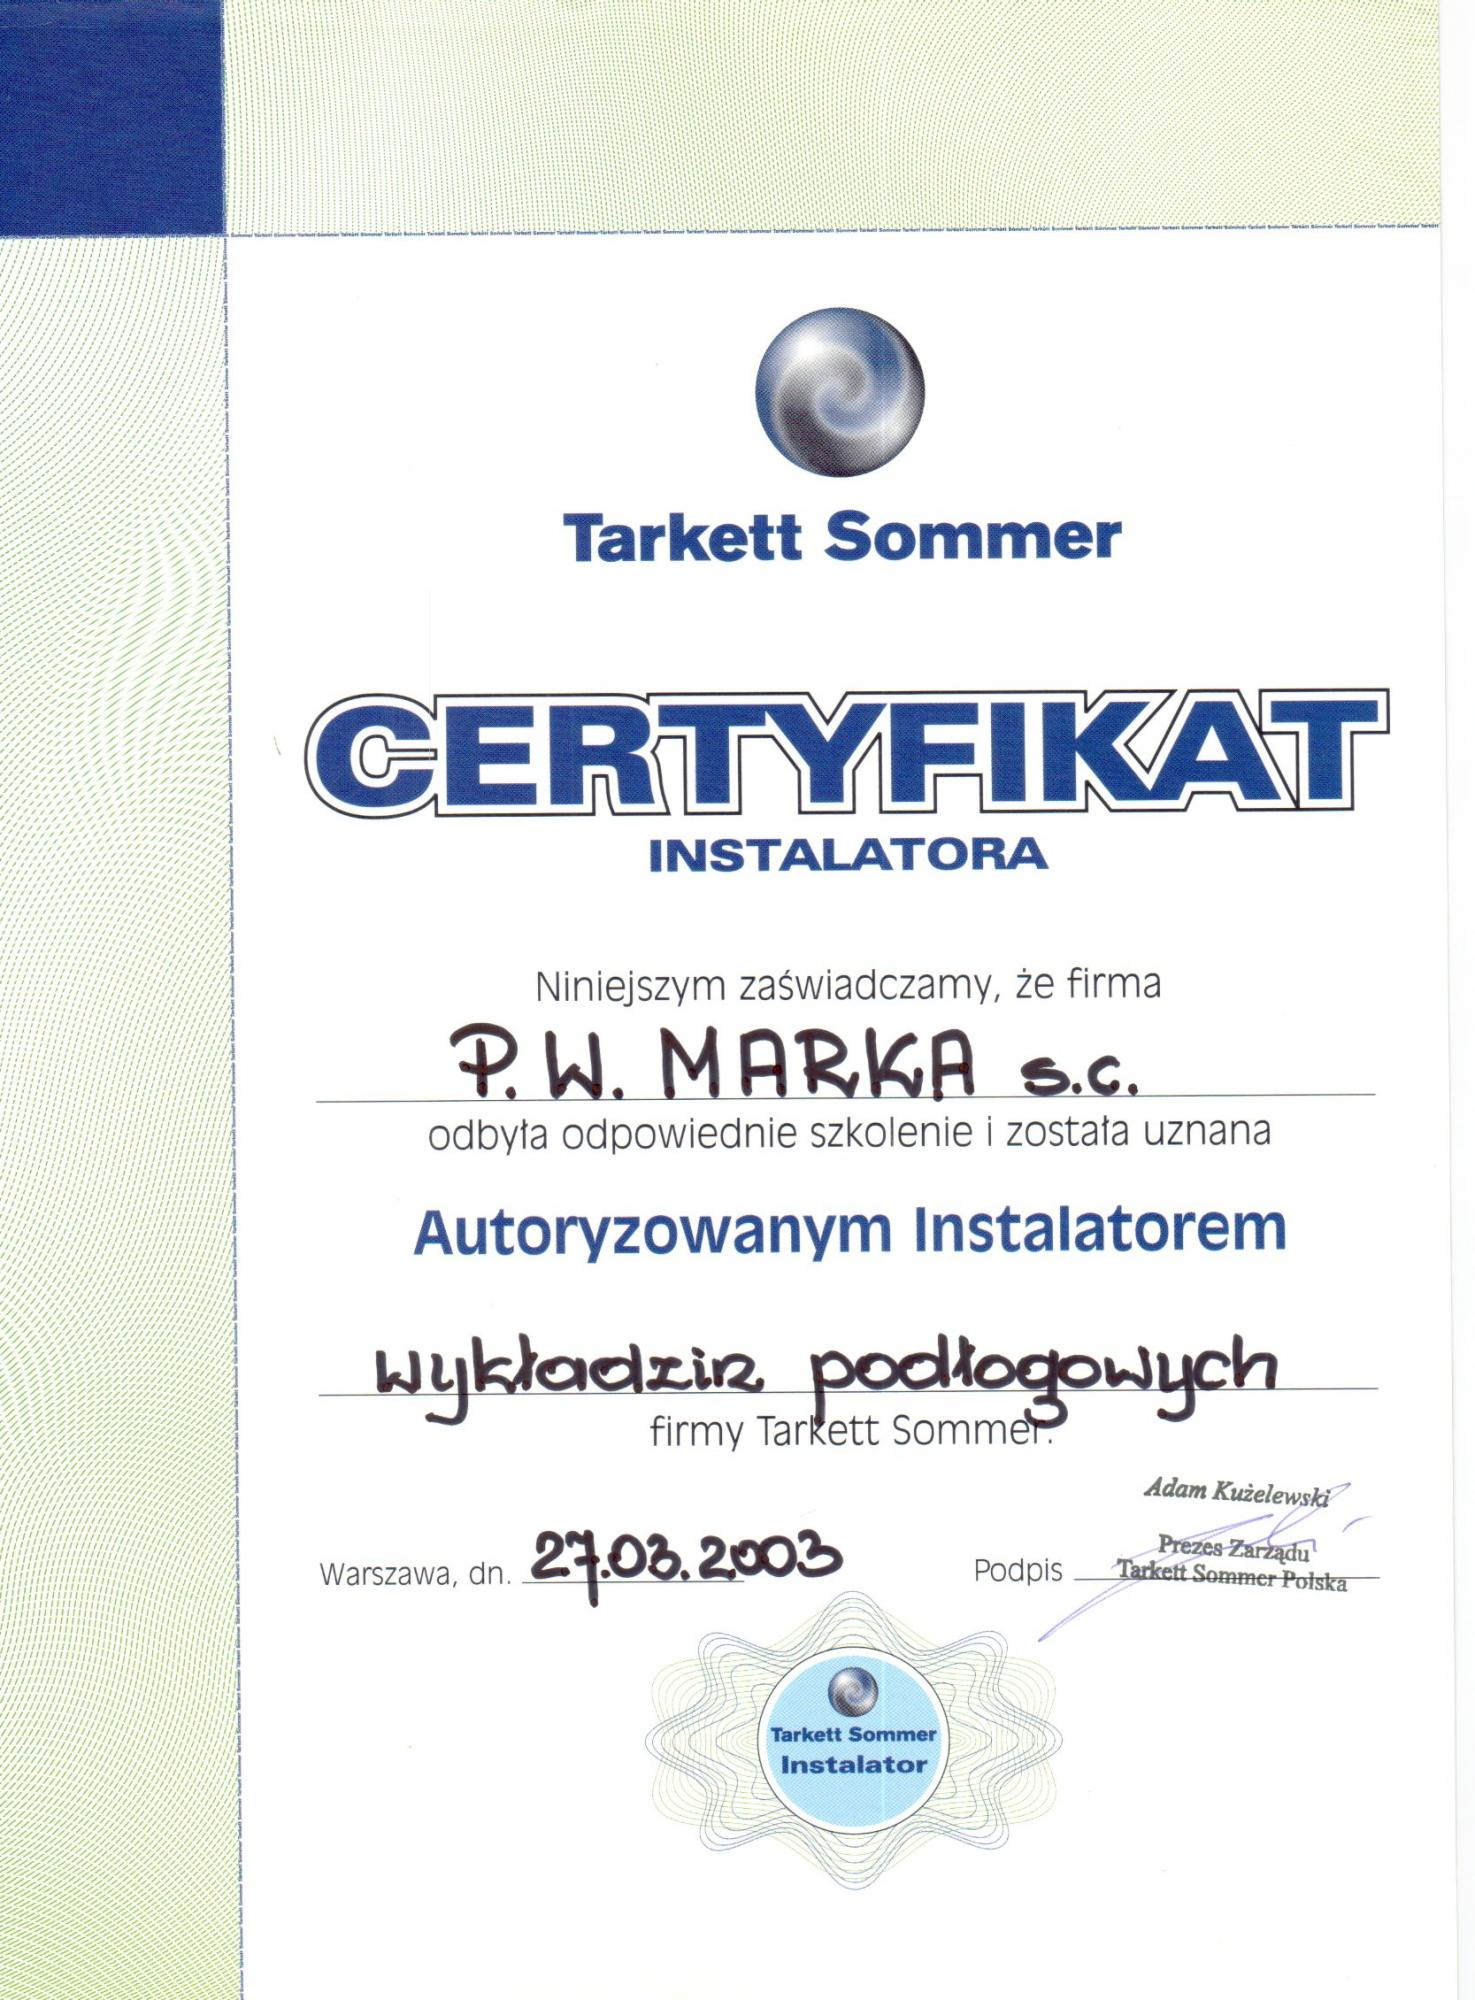 autoryzacja tarkett 2003